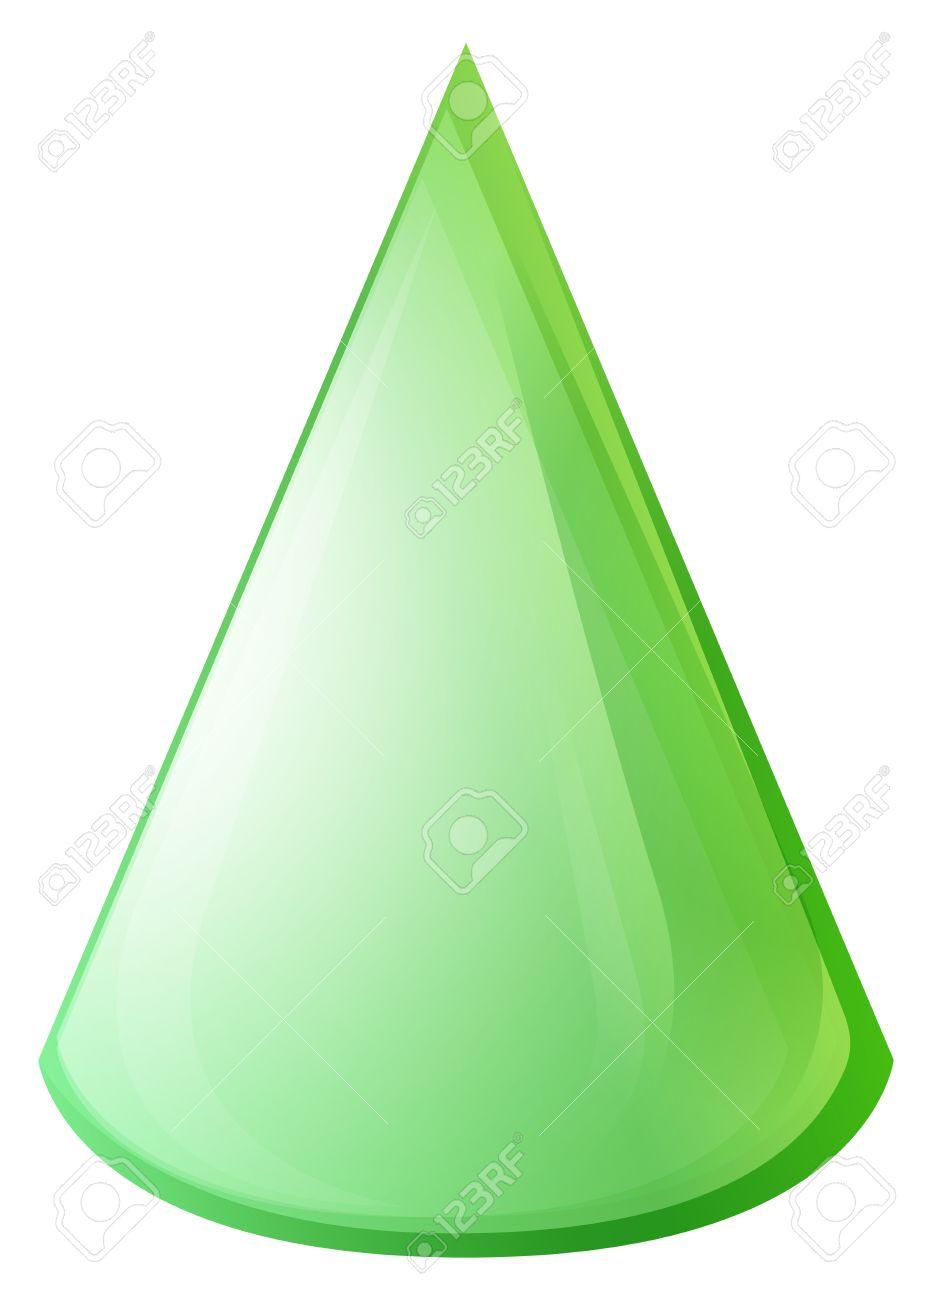 el color verde en forma de cono ilustracin foto de archivo